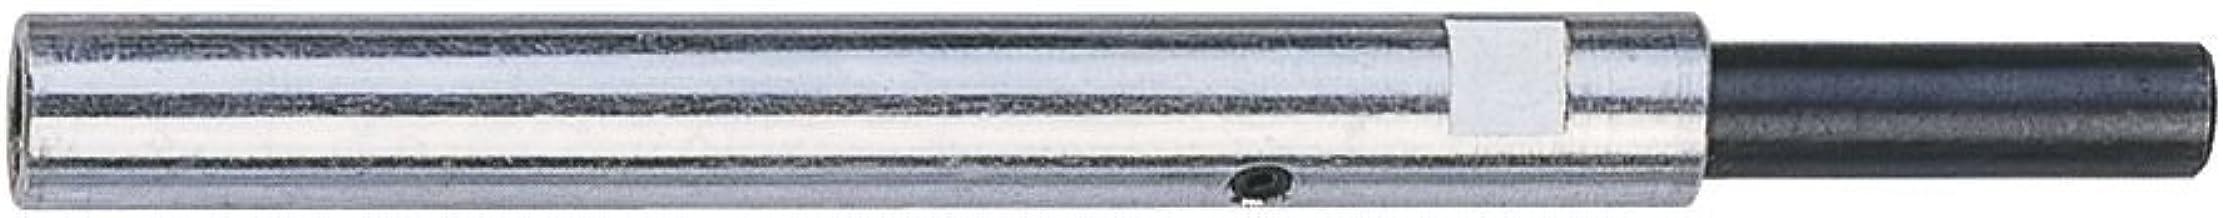 Estrella 762591zobo garantía broca de 10–30mm para taladro de mano, Type A de WD M6, longitud 150mm